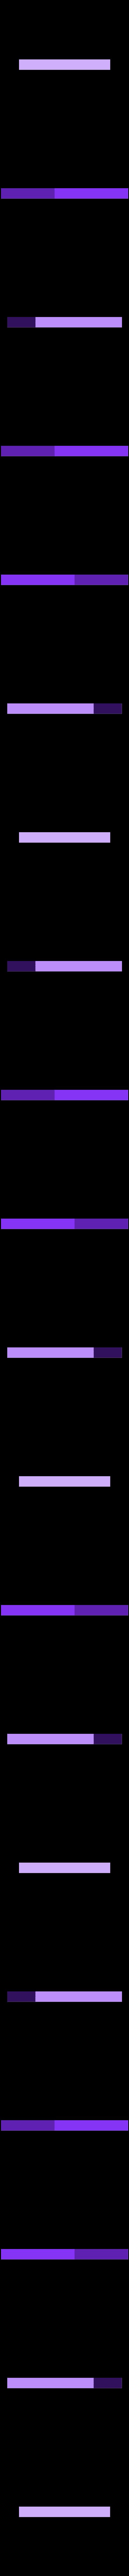 jeux echec couvercle.STL Télécharger fichier STL gratuit boite de rangement jeux d'échecs • Design imprimable en 3D, 27si3d